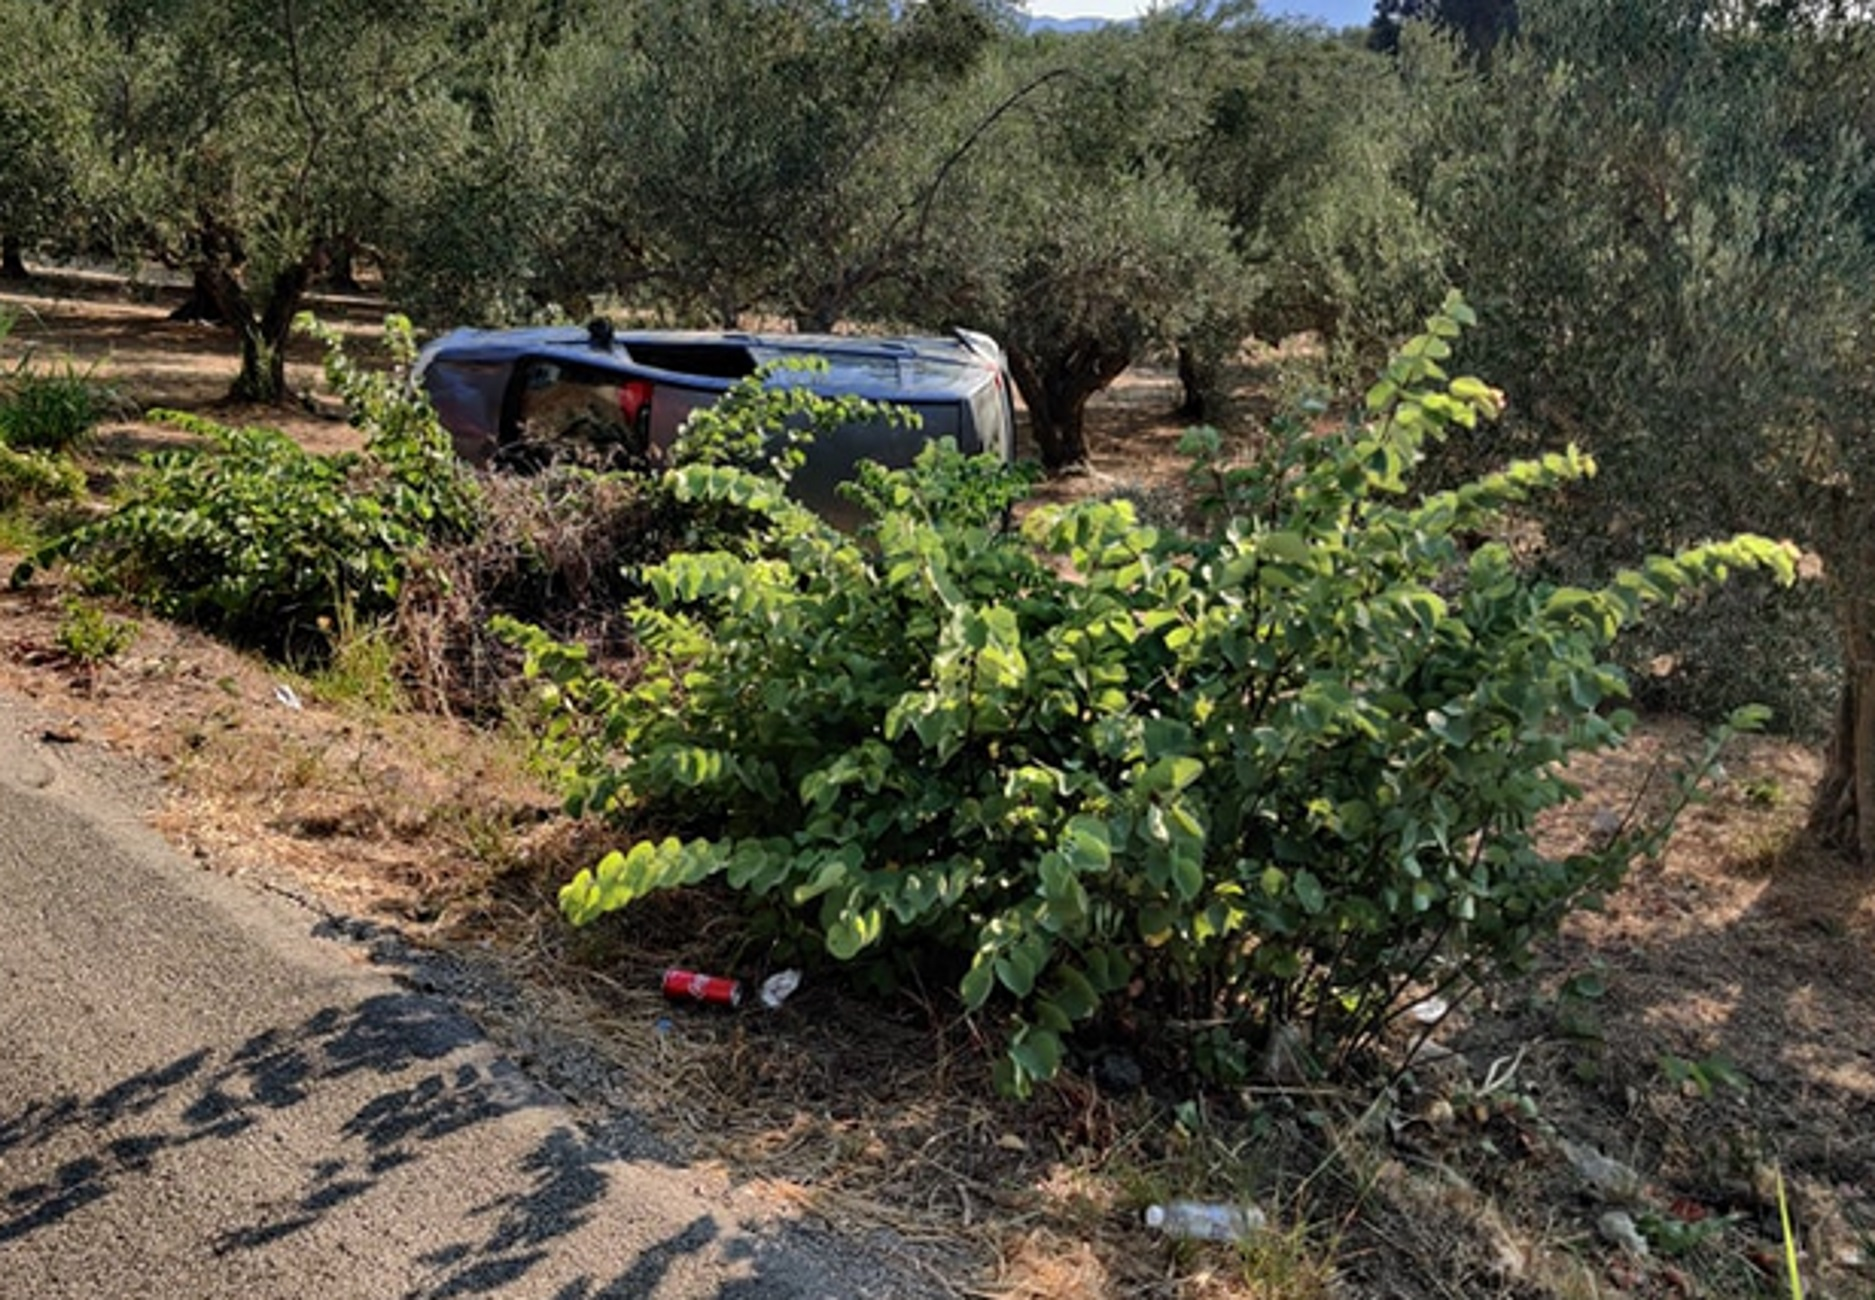 Μεσσηνία: Σκοτώθηκε σε τροχαίο μέσα σε αυτό το χωράφι – Ξεψύχησε ο οδηγός μόνος και αβοήθητος